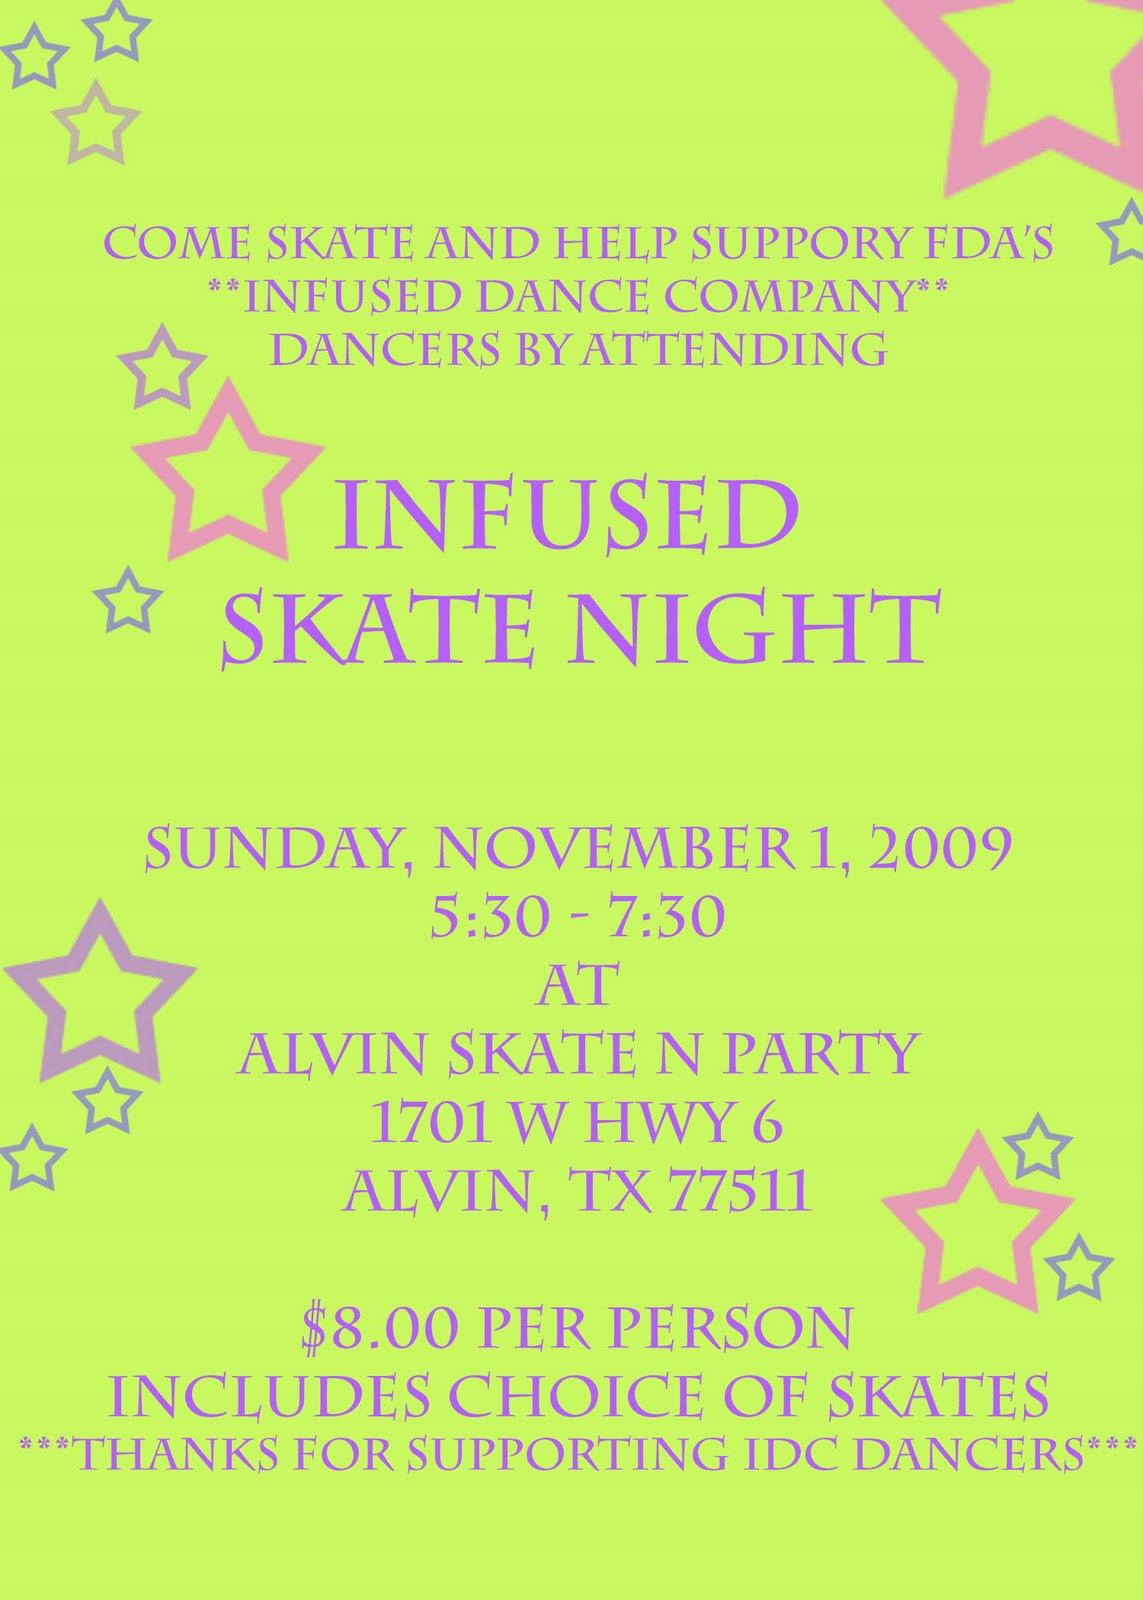 [skate+night]